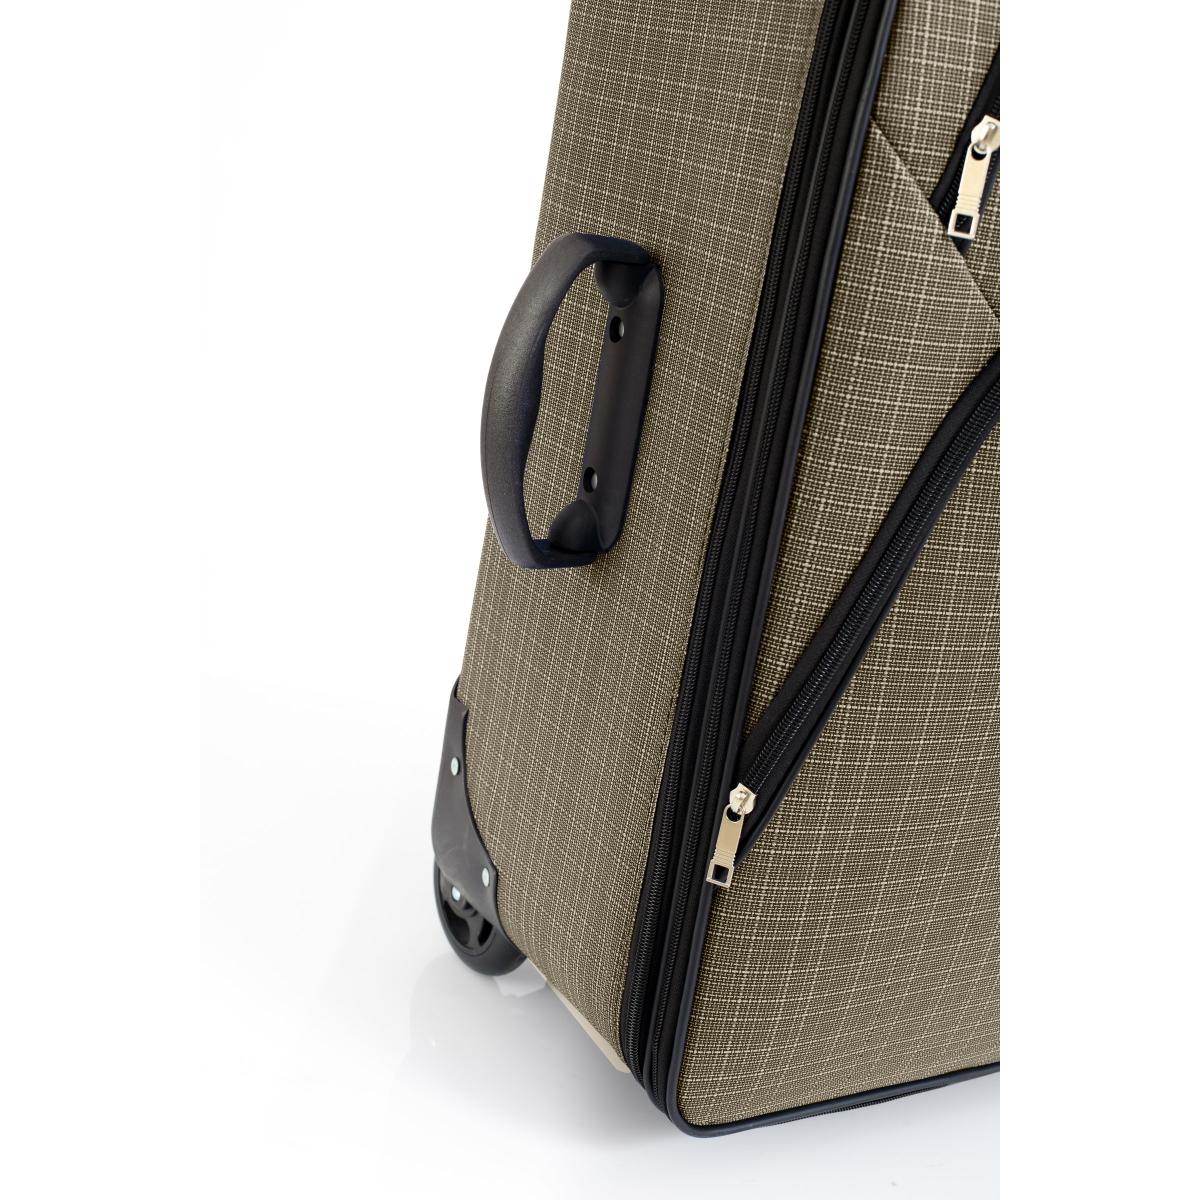 Gedox 2 Teker Geniş Kasa Havlu Kumaş 3'lü Valiz Seyahat Seti - Model: 1005.03 Gri